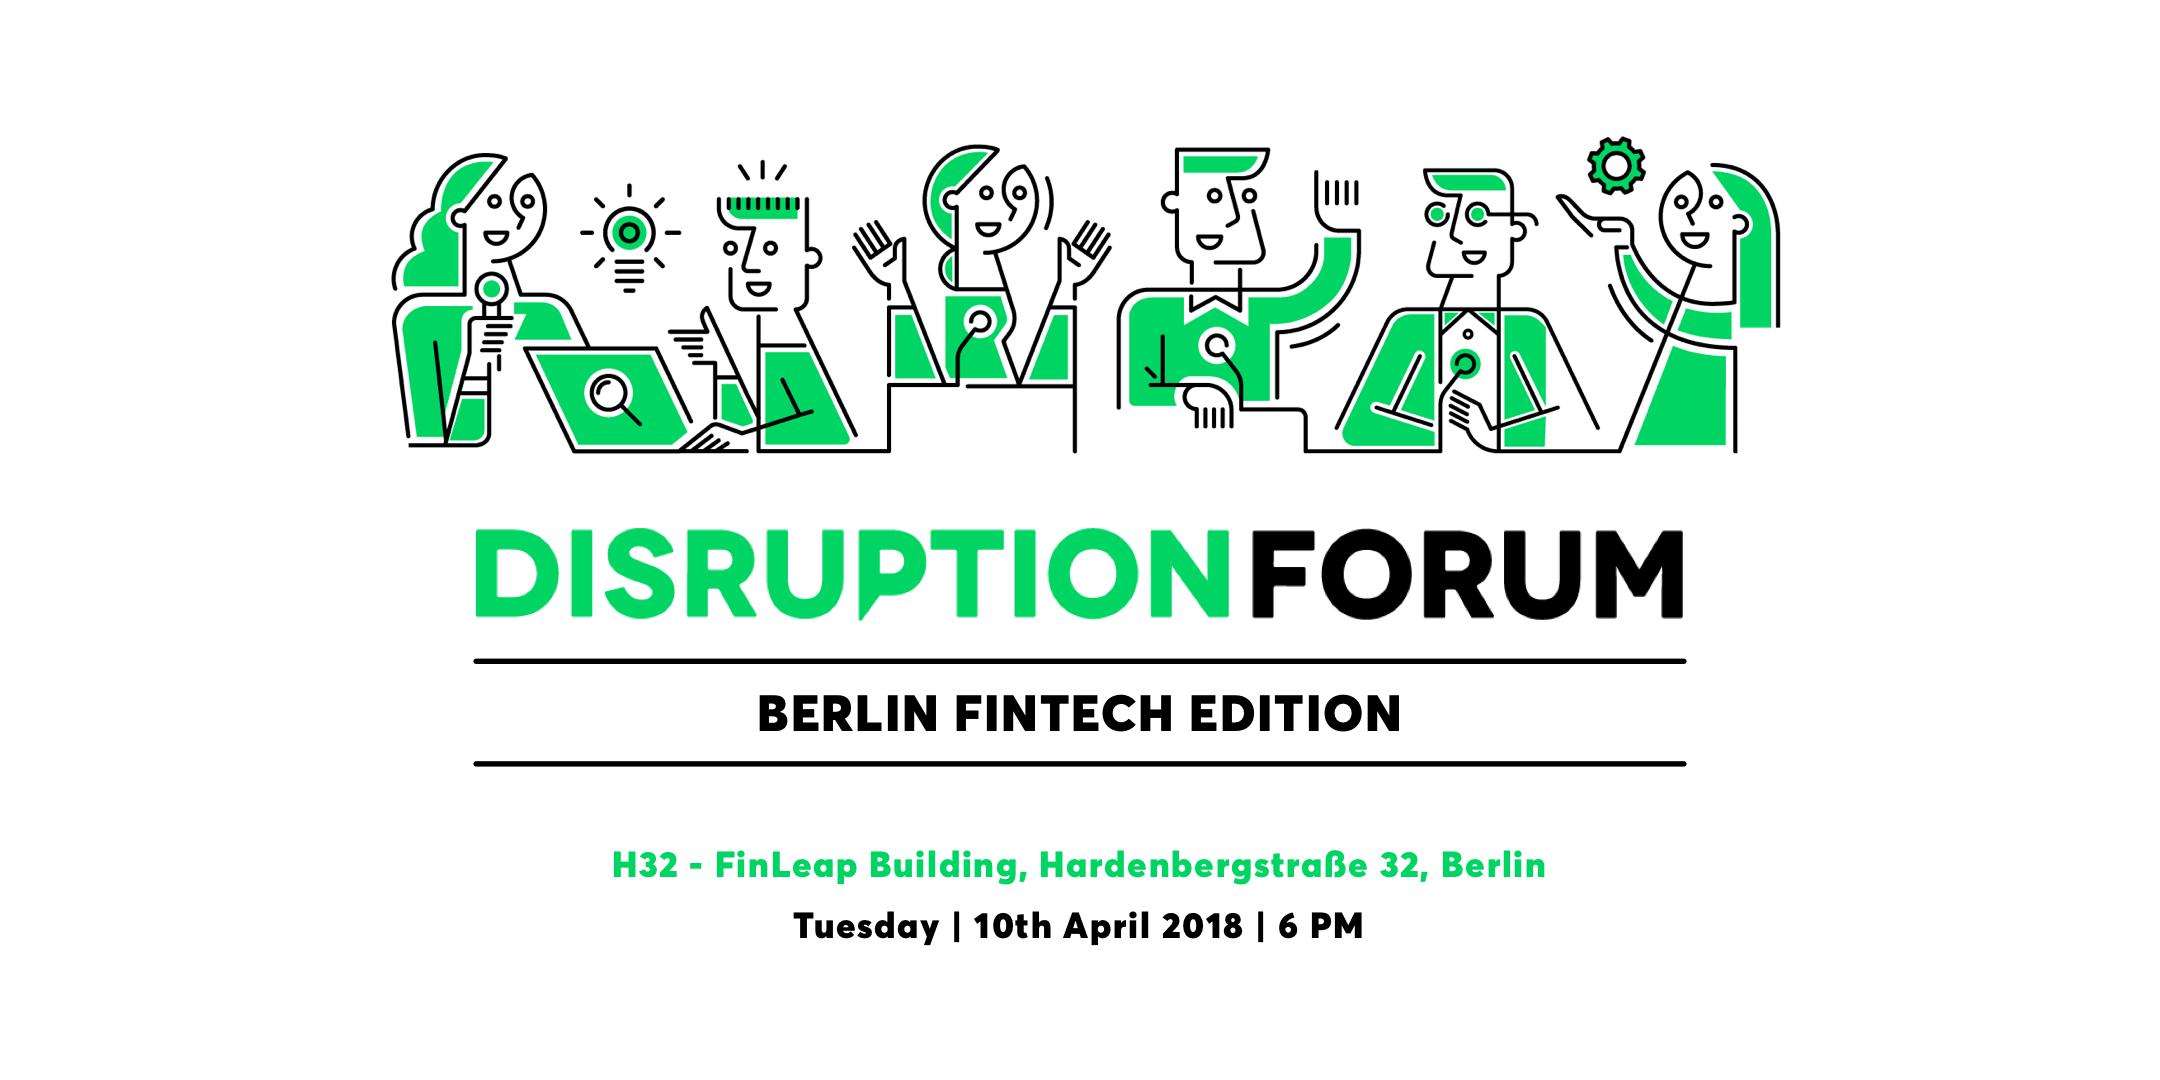 Disruption Forum - Berlin Fintech